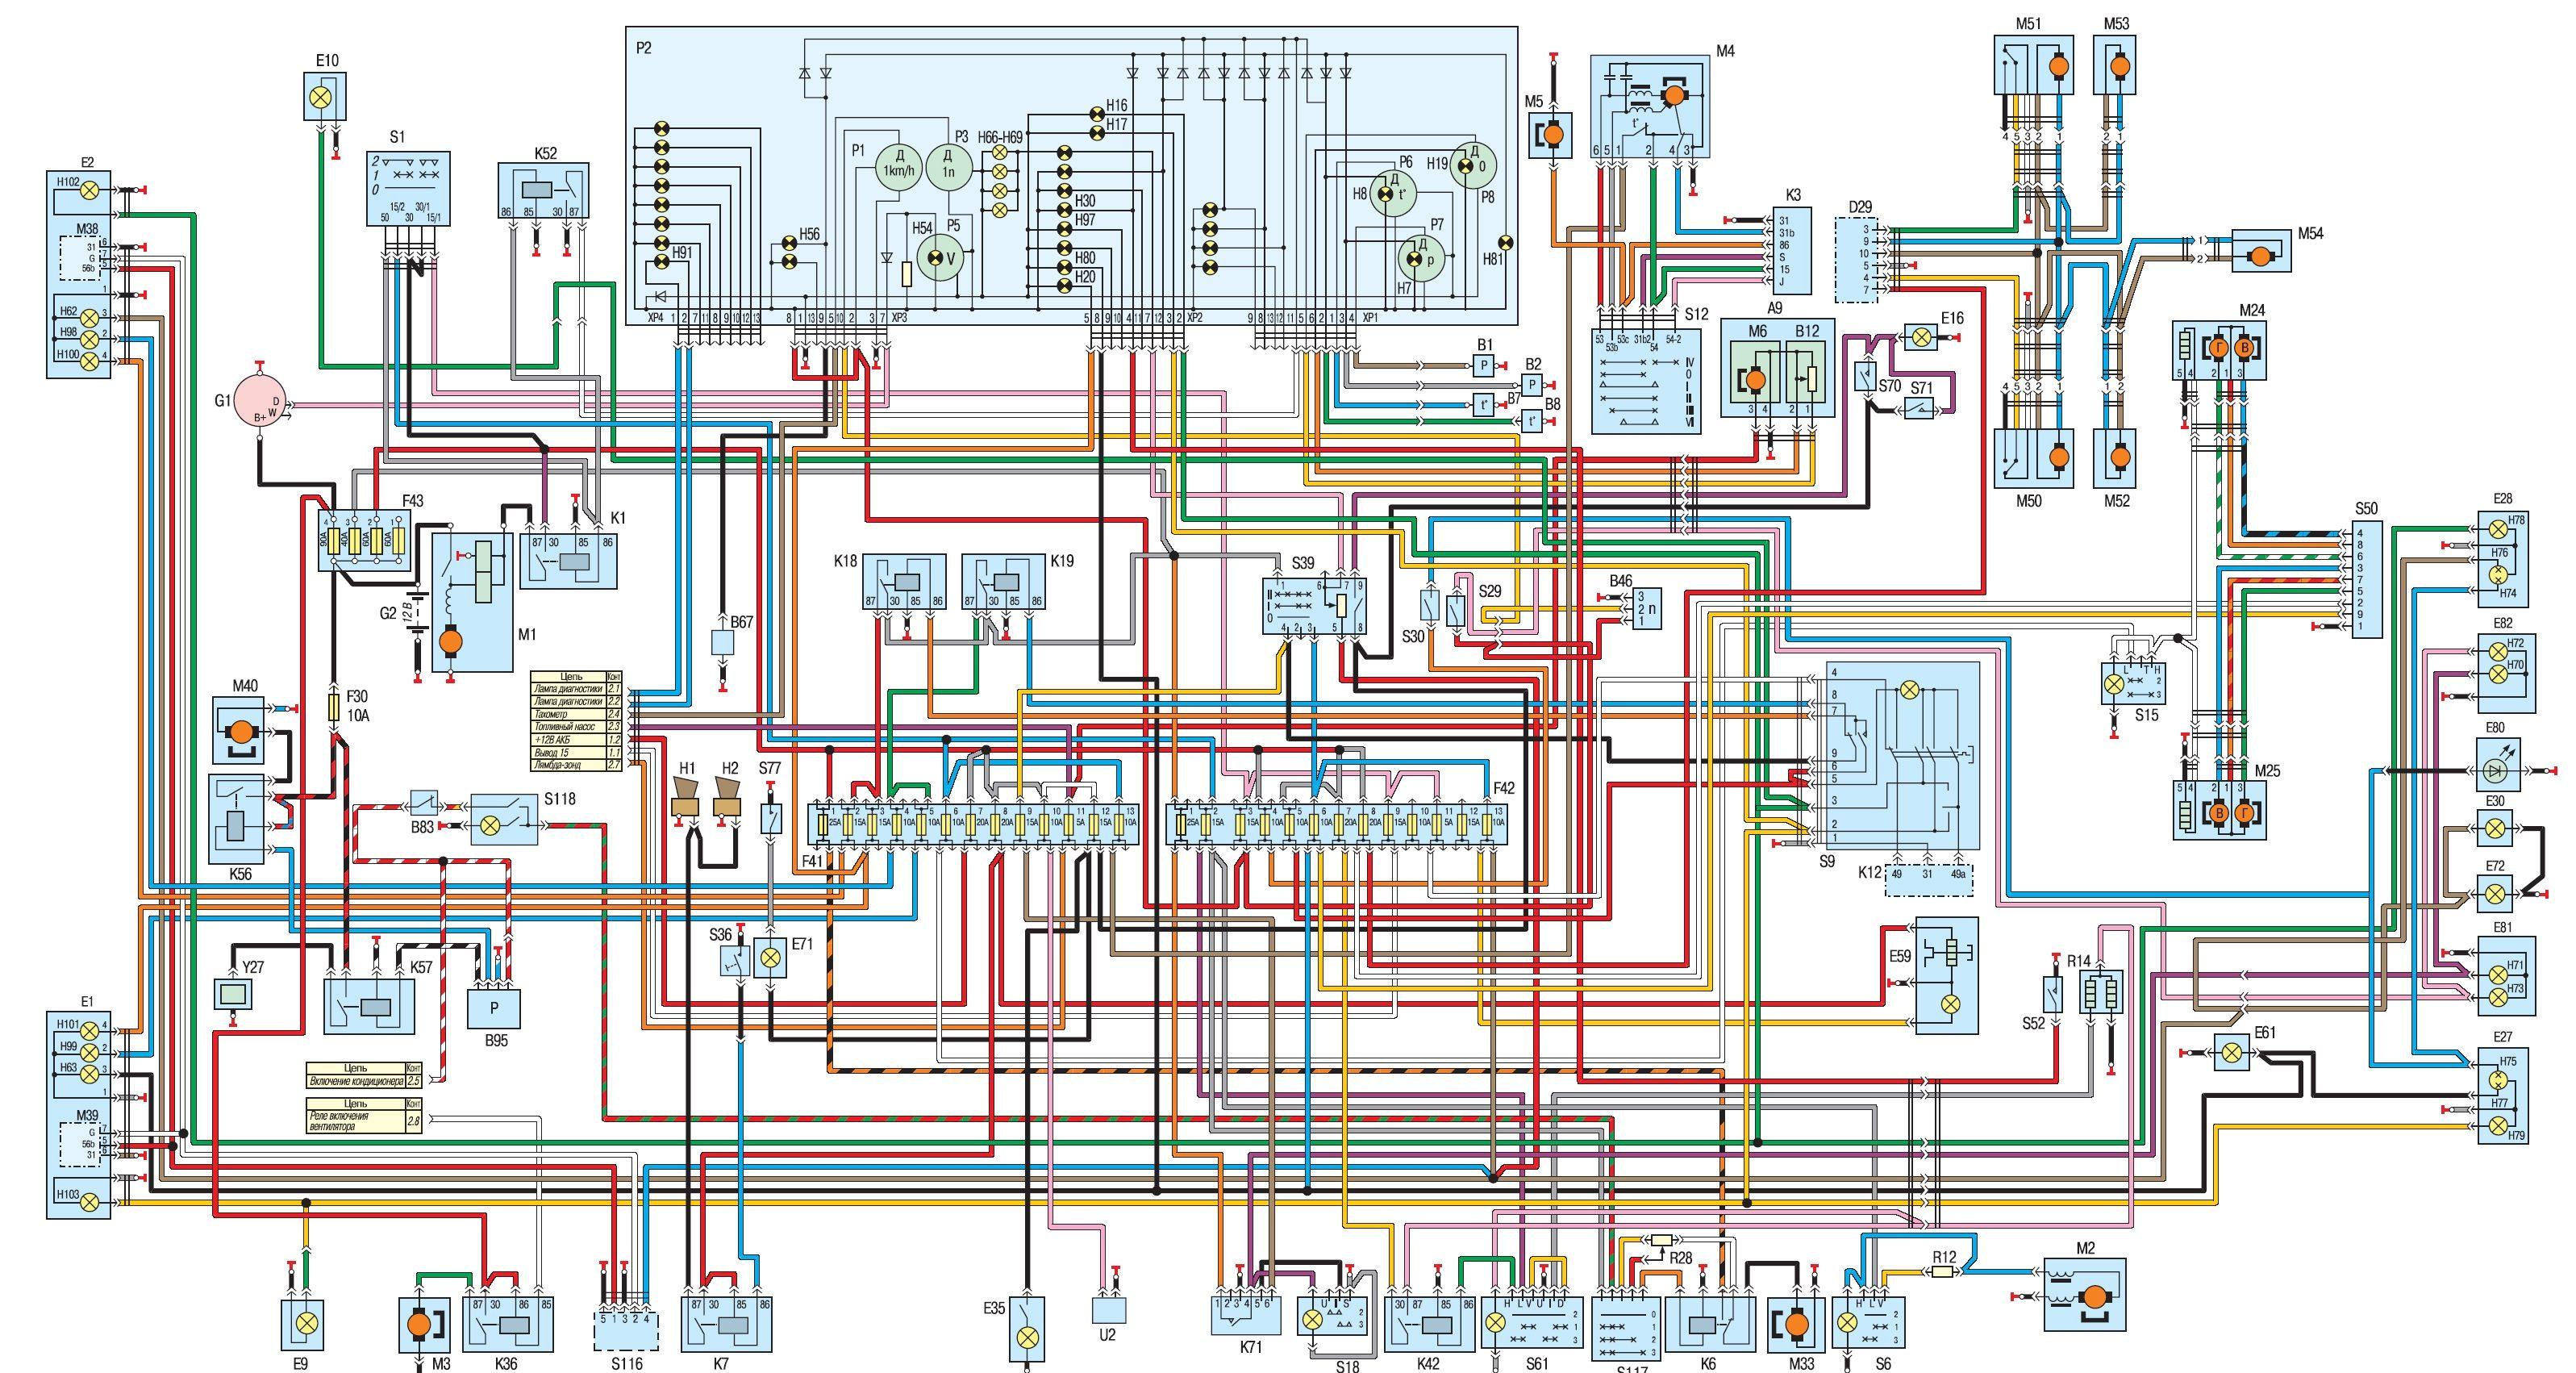 электрическая схема волга крайслер 31105 - всё об автомобилях и все для авто.